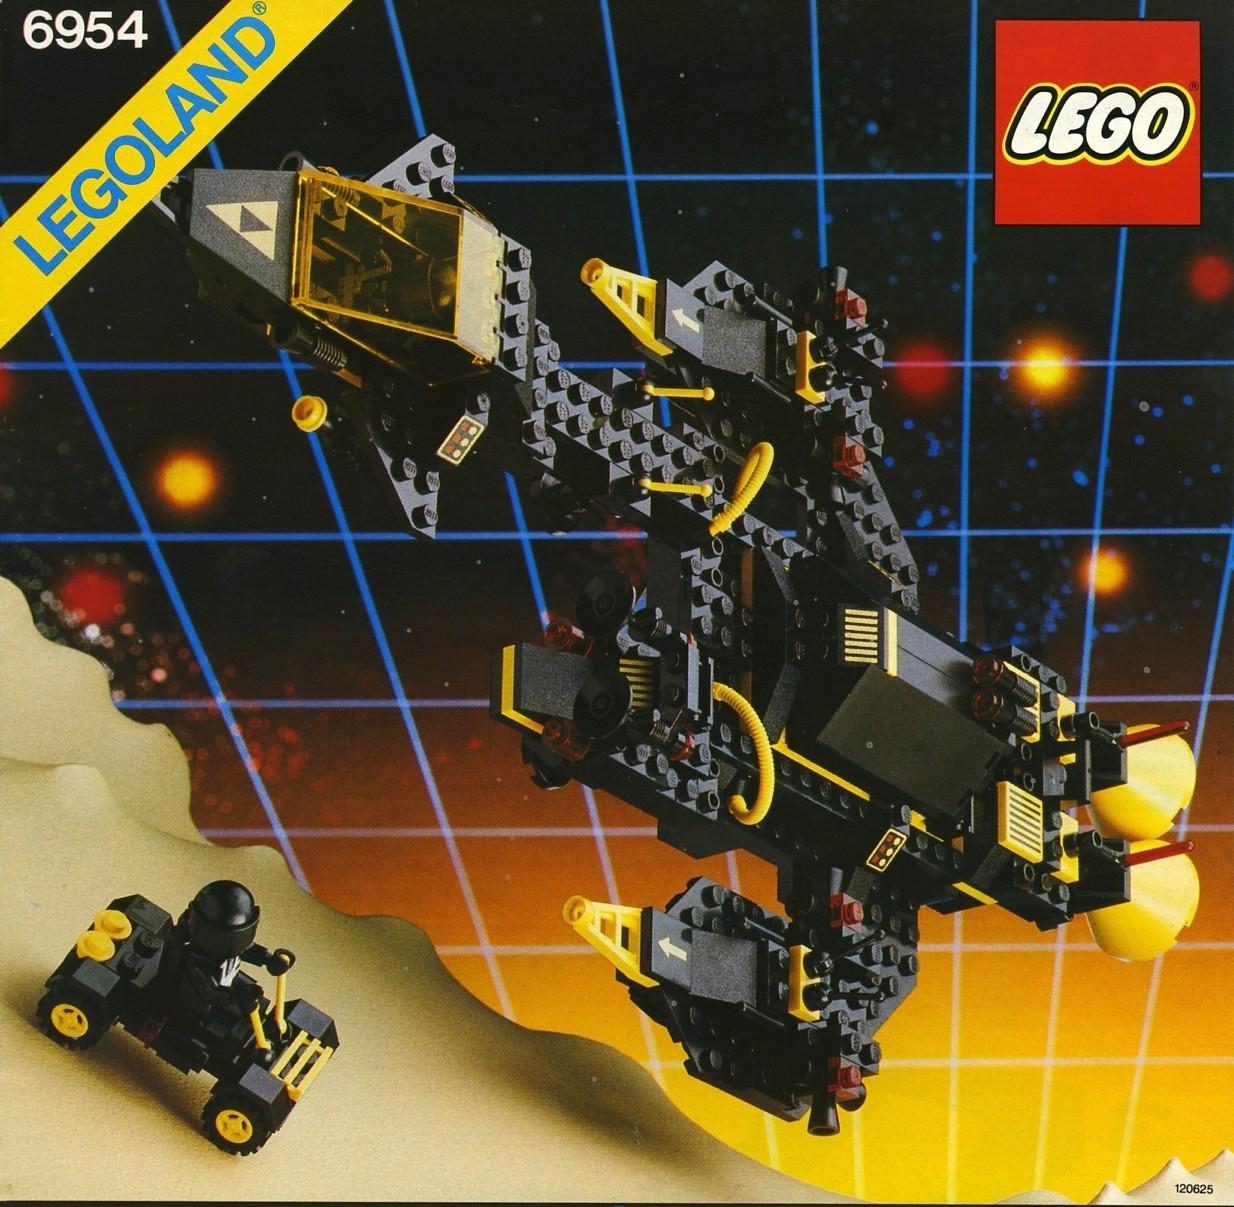 6954-1.jpg